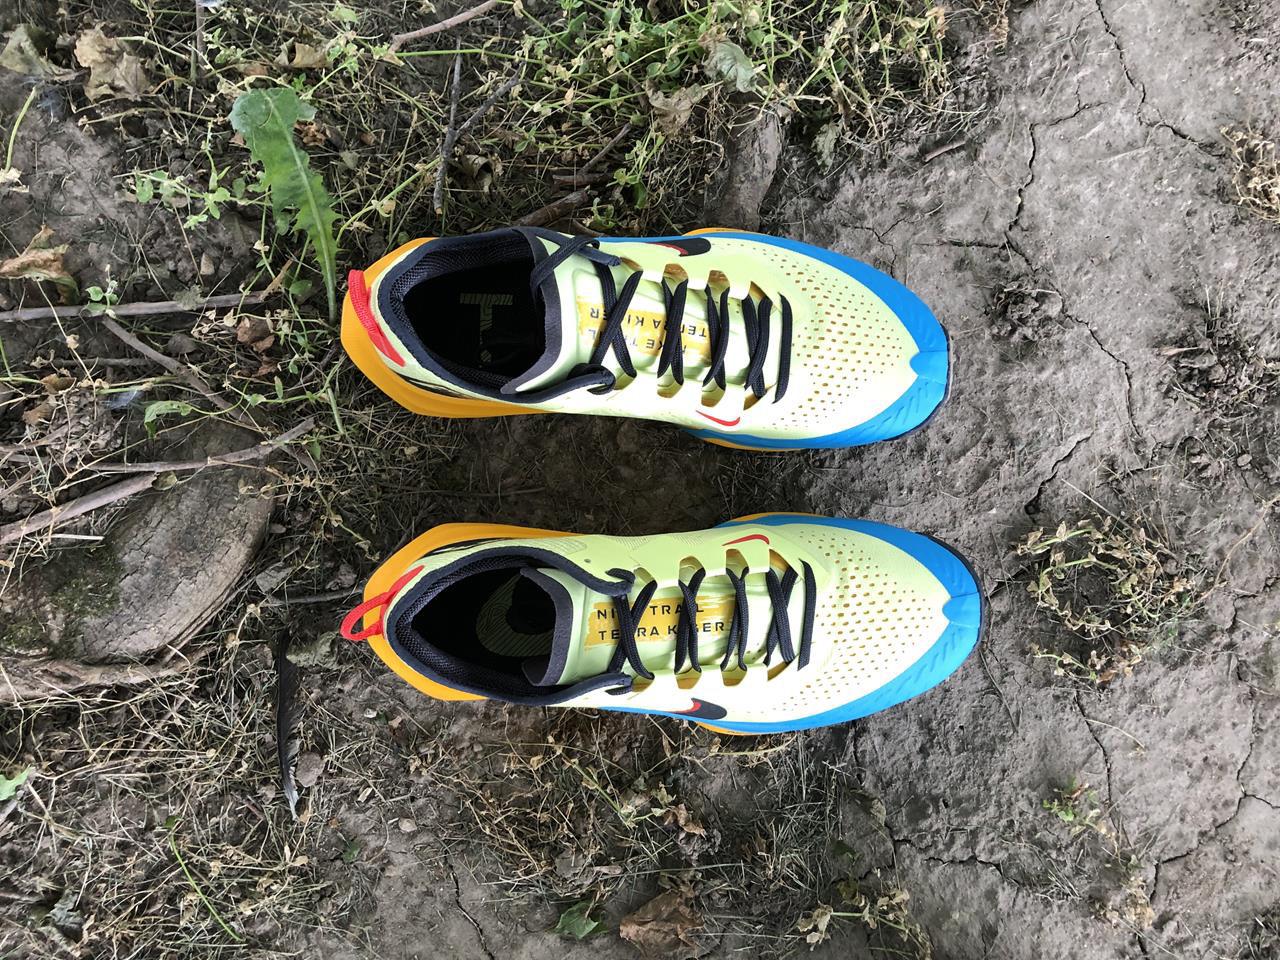 Nike Zoom Terra Kiger 7 - Top